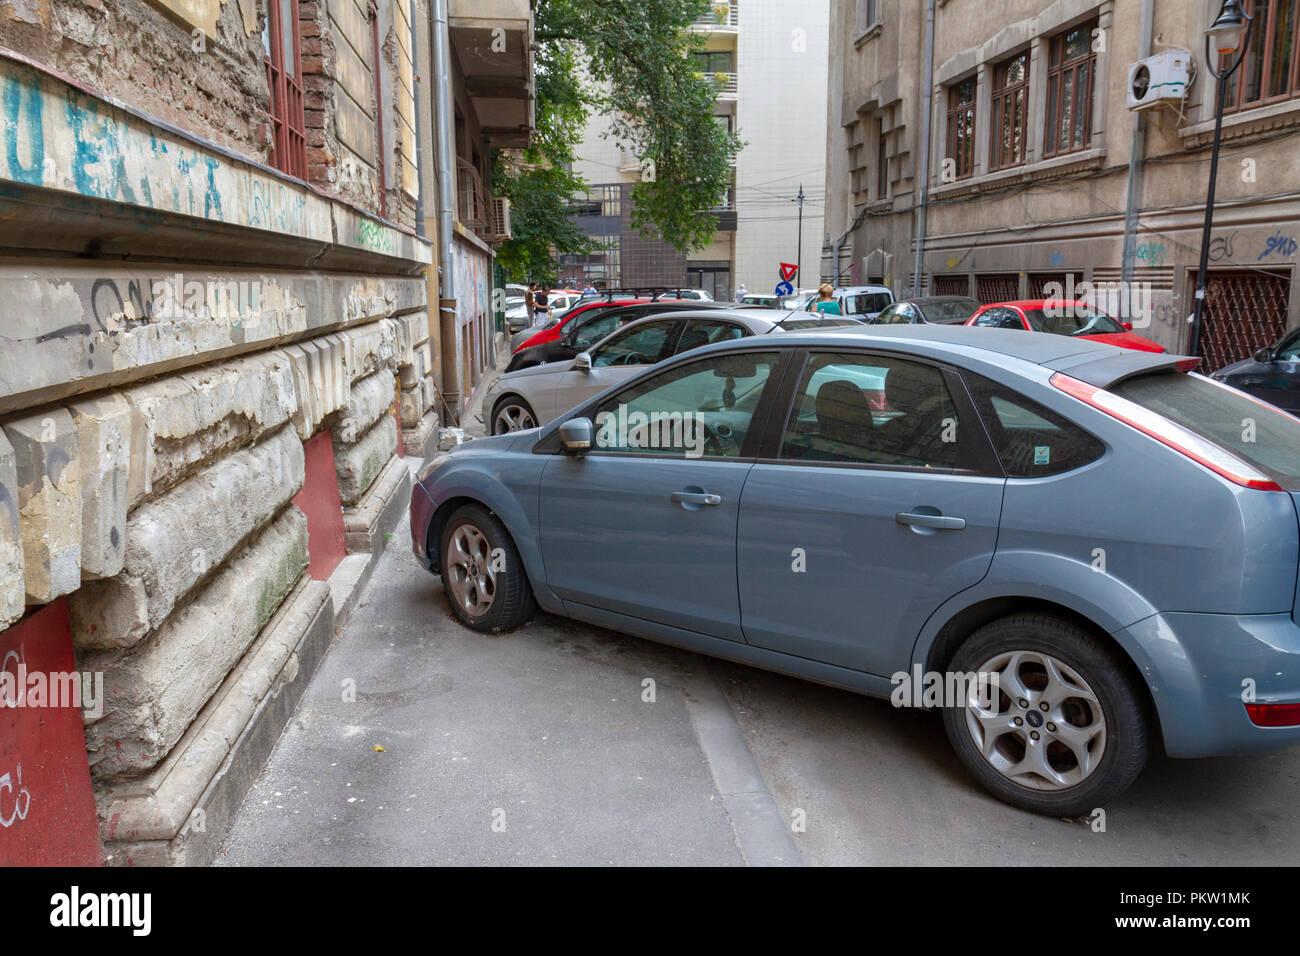 Tipico pavimento parcheggio auto nel centro di Bucarest, Romania. Parcheggio sui marciapiedi, in corsie di guida & bloccando gli altri è normale in Bucarest. Immagini Stock